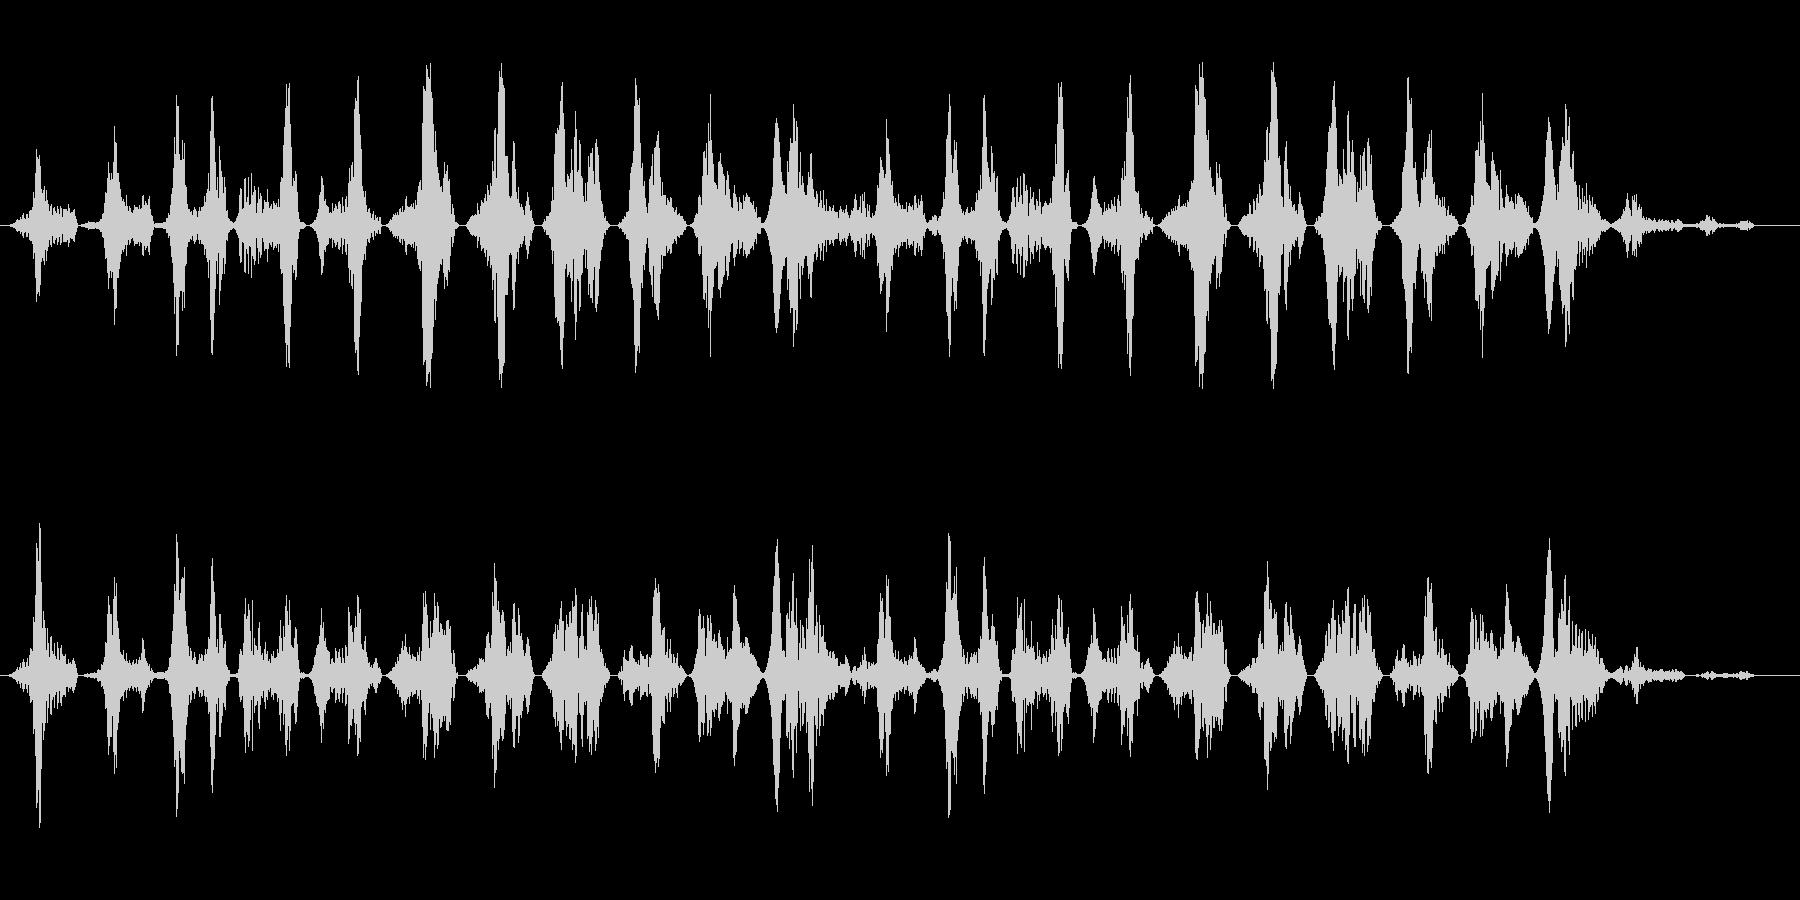 コミカル飛行音(不安定)の未再生の波形